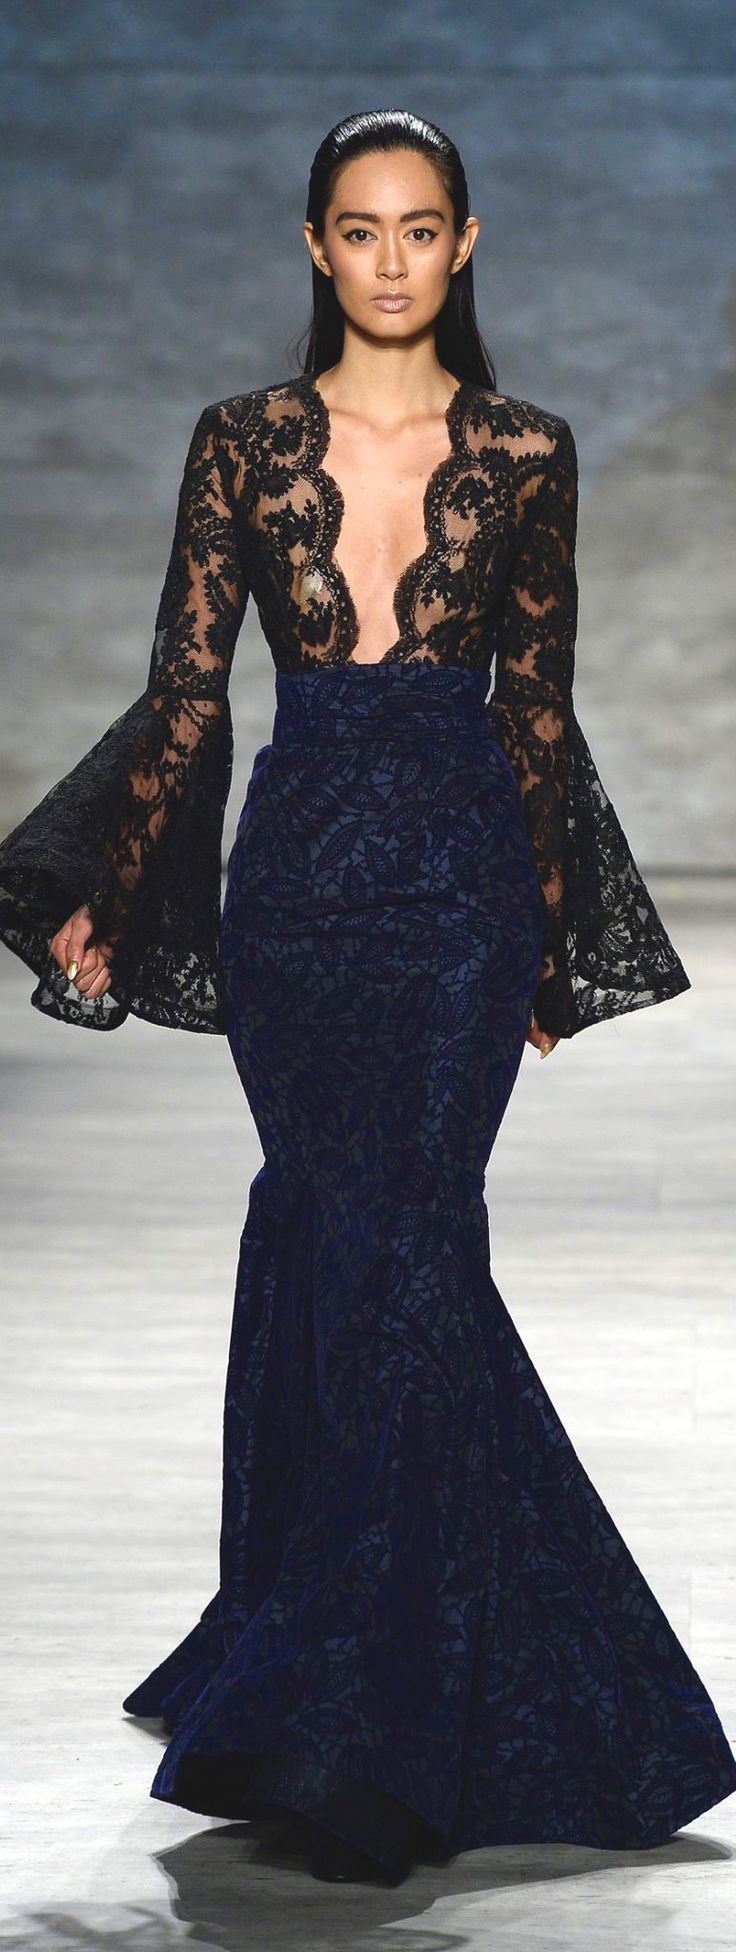 Michael Costello Couture S/S 2015 - women's intimates online, lingerie xxl, lingerie online shop *ad